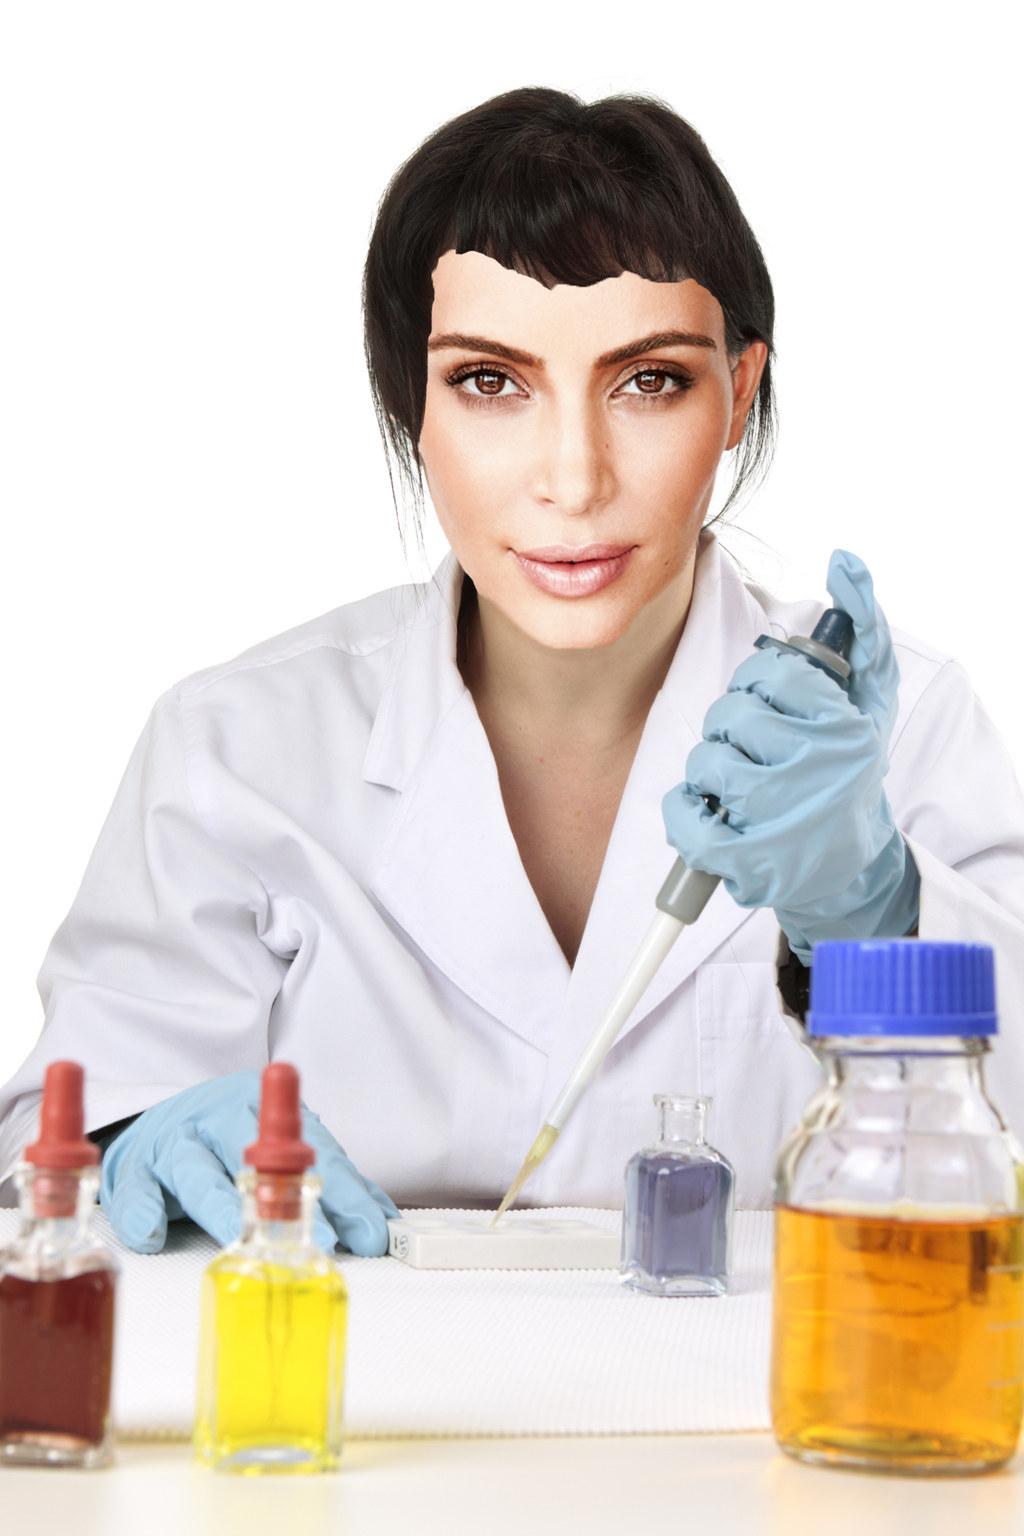 If Kim Kardashian Wasn't Kim Kardashian, She'd Be A Forensic ...